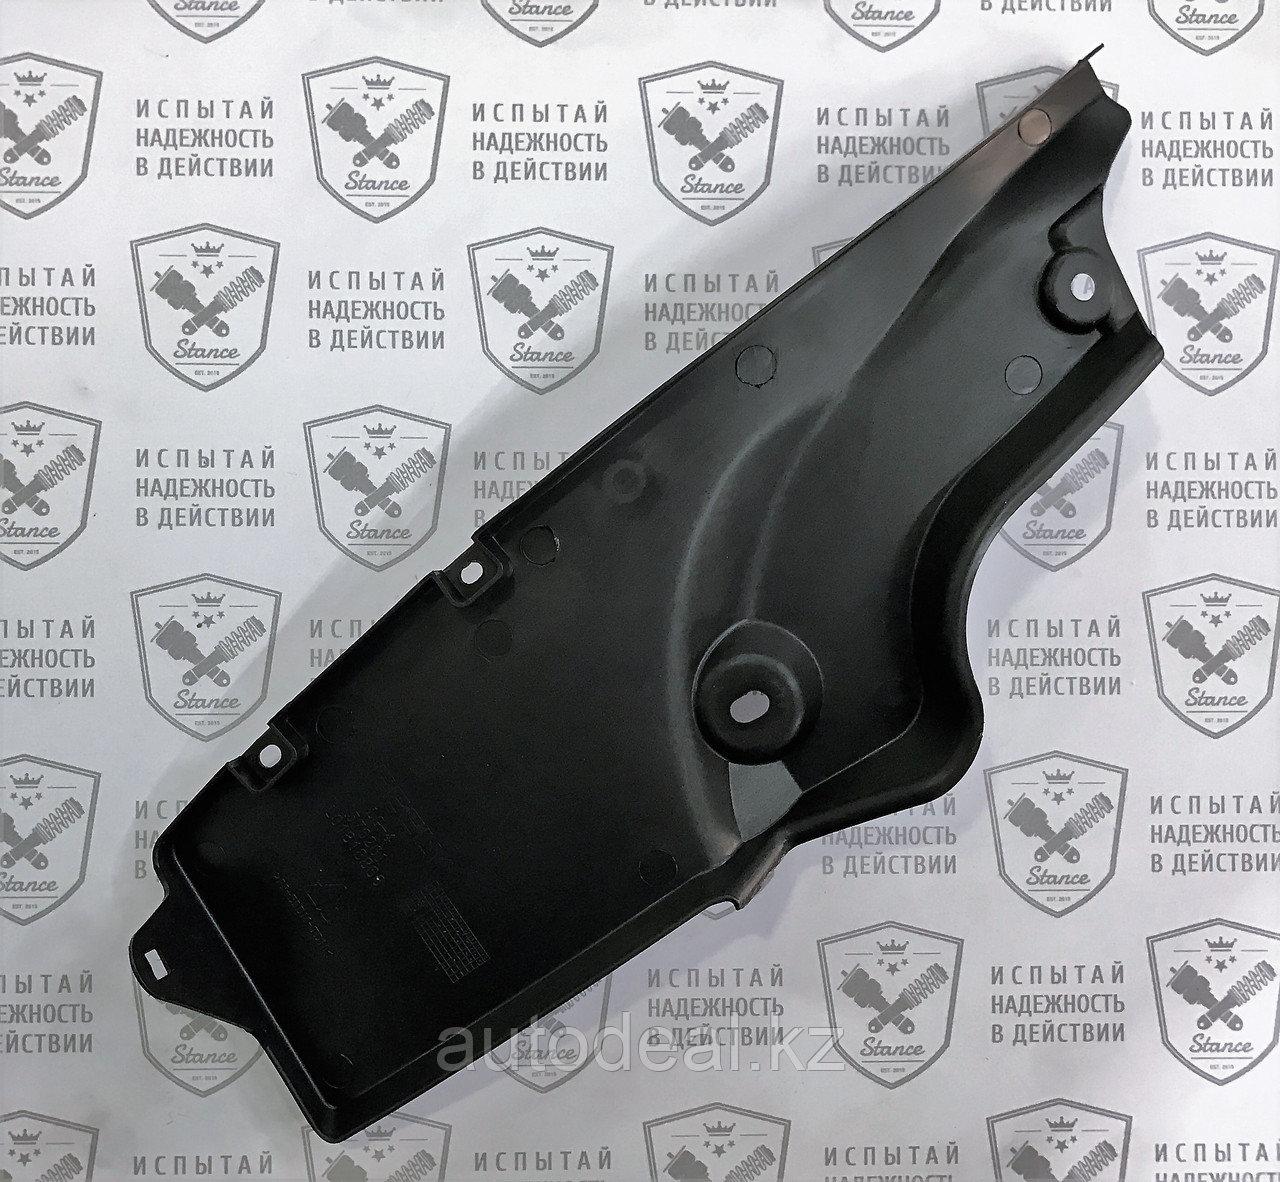 Кронштейн заднего брызговика Geely GC6 / Rear mud flap bracket